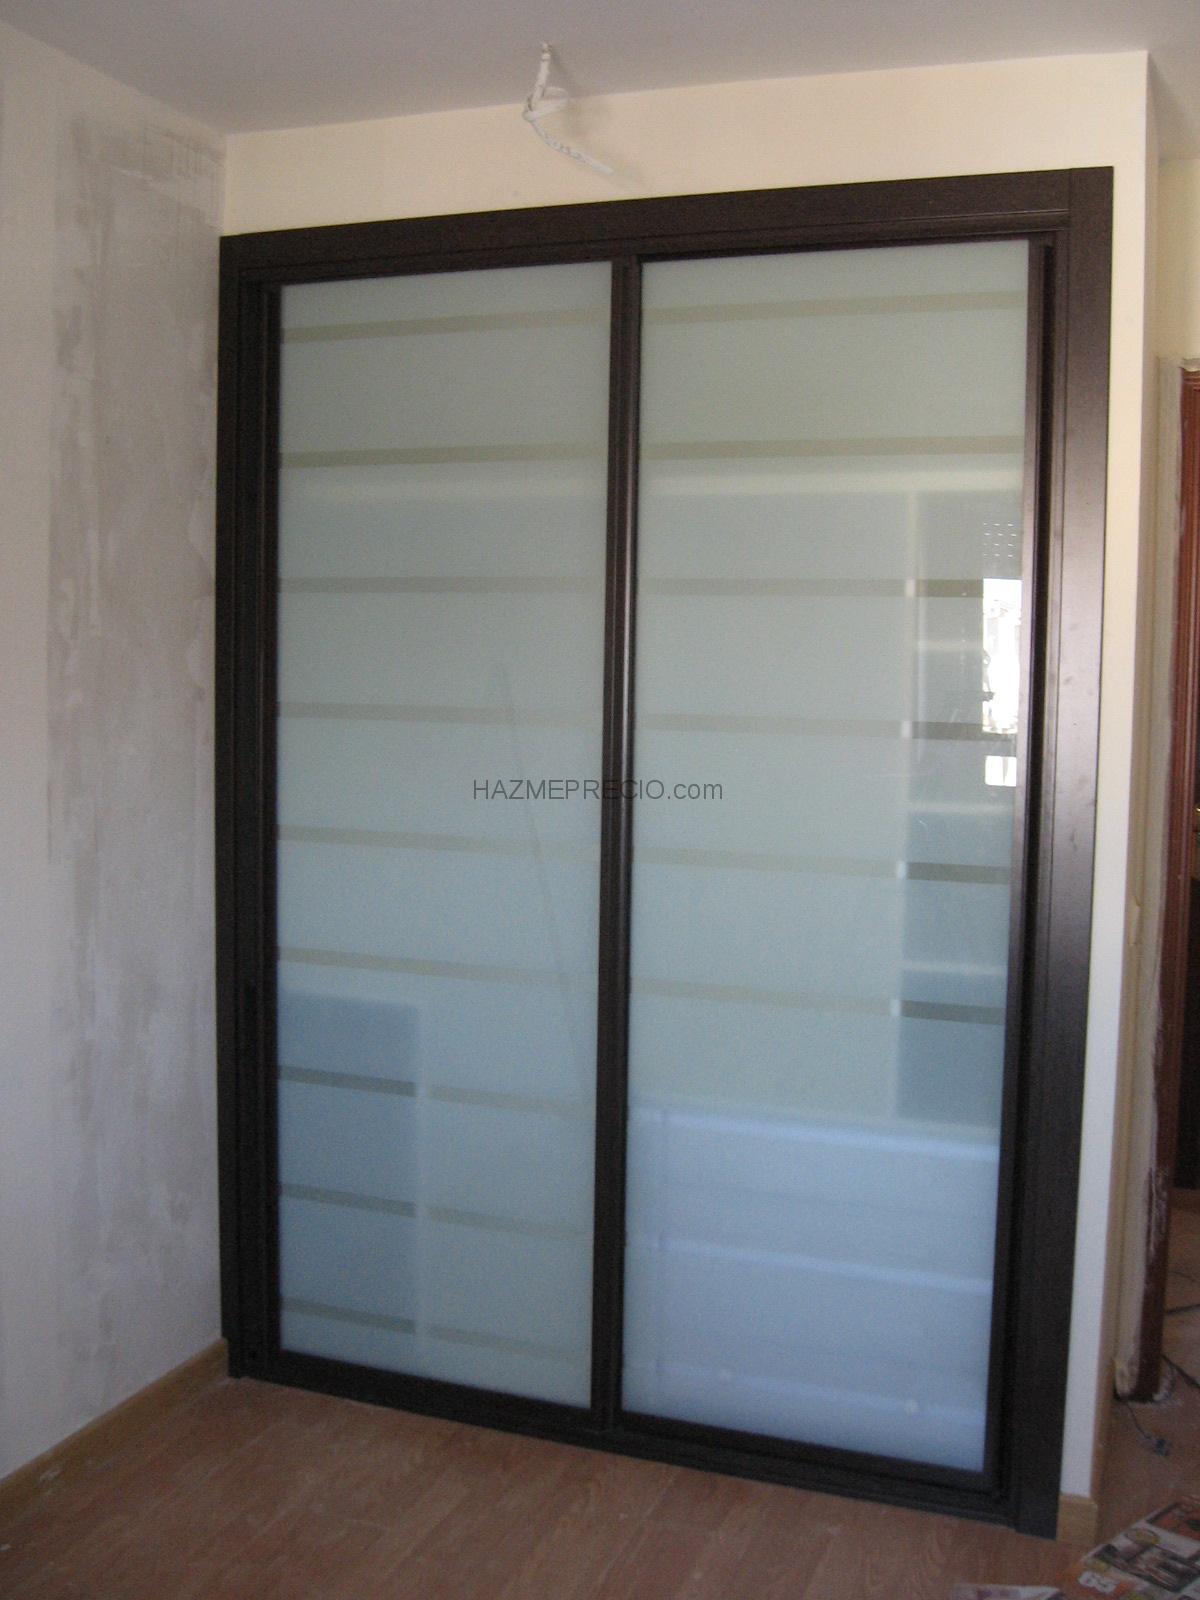 Arquimedes carpinteria 10200 trujillo caceres for Armario puertas correderas wengue